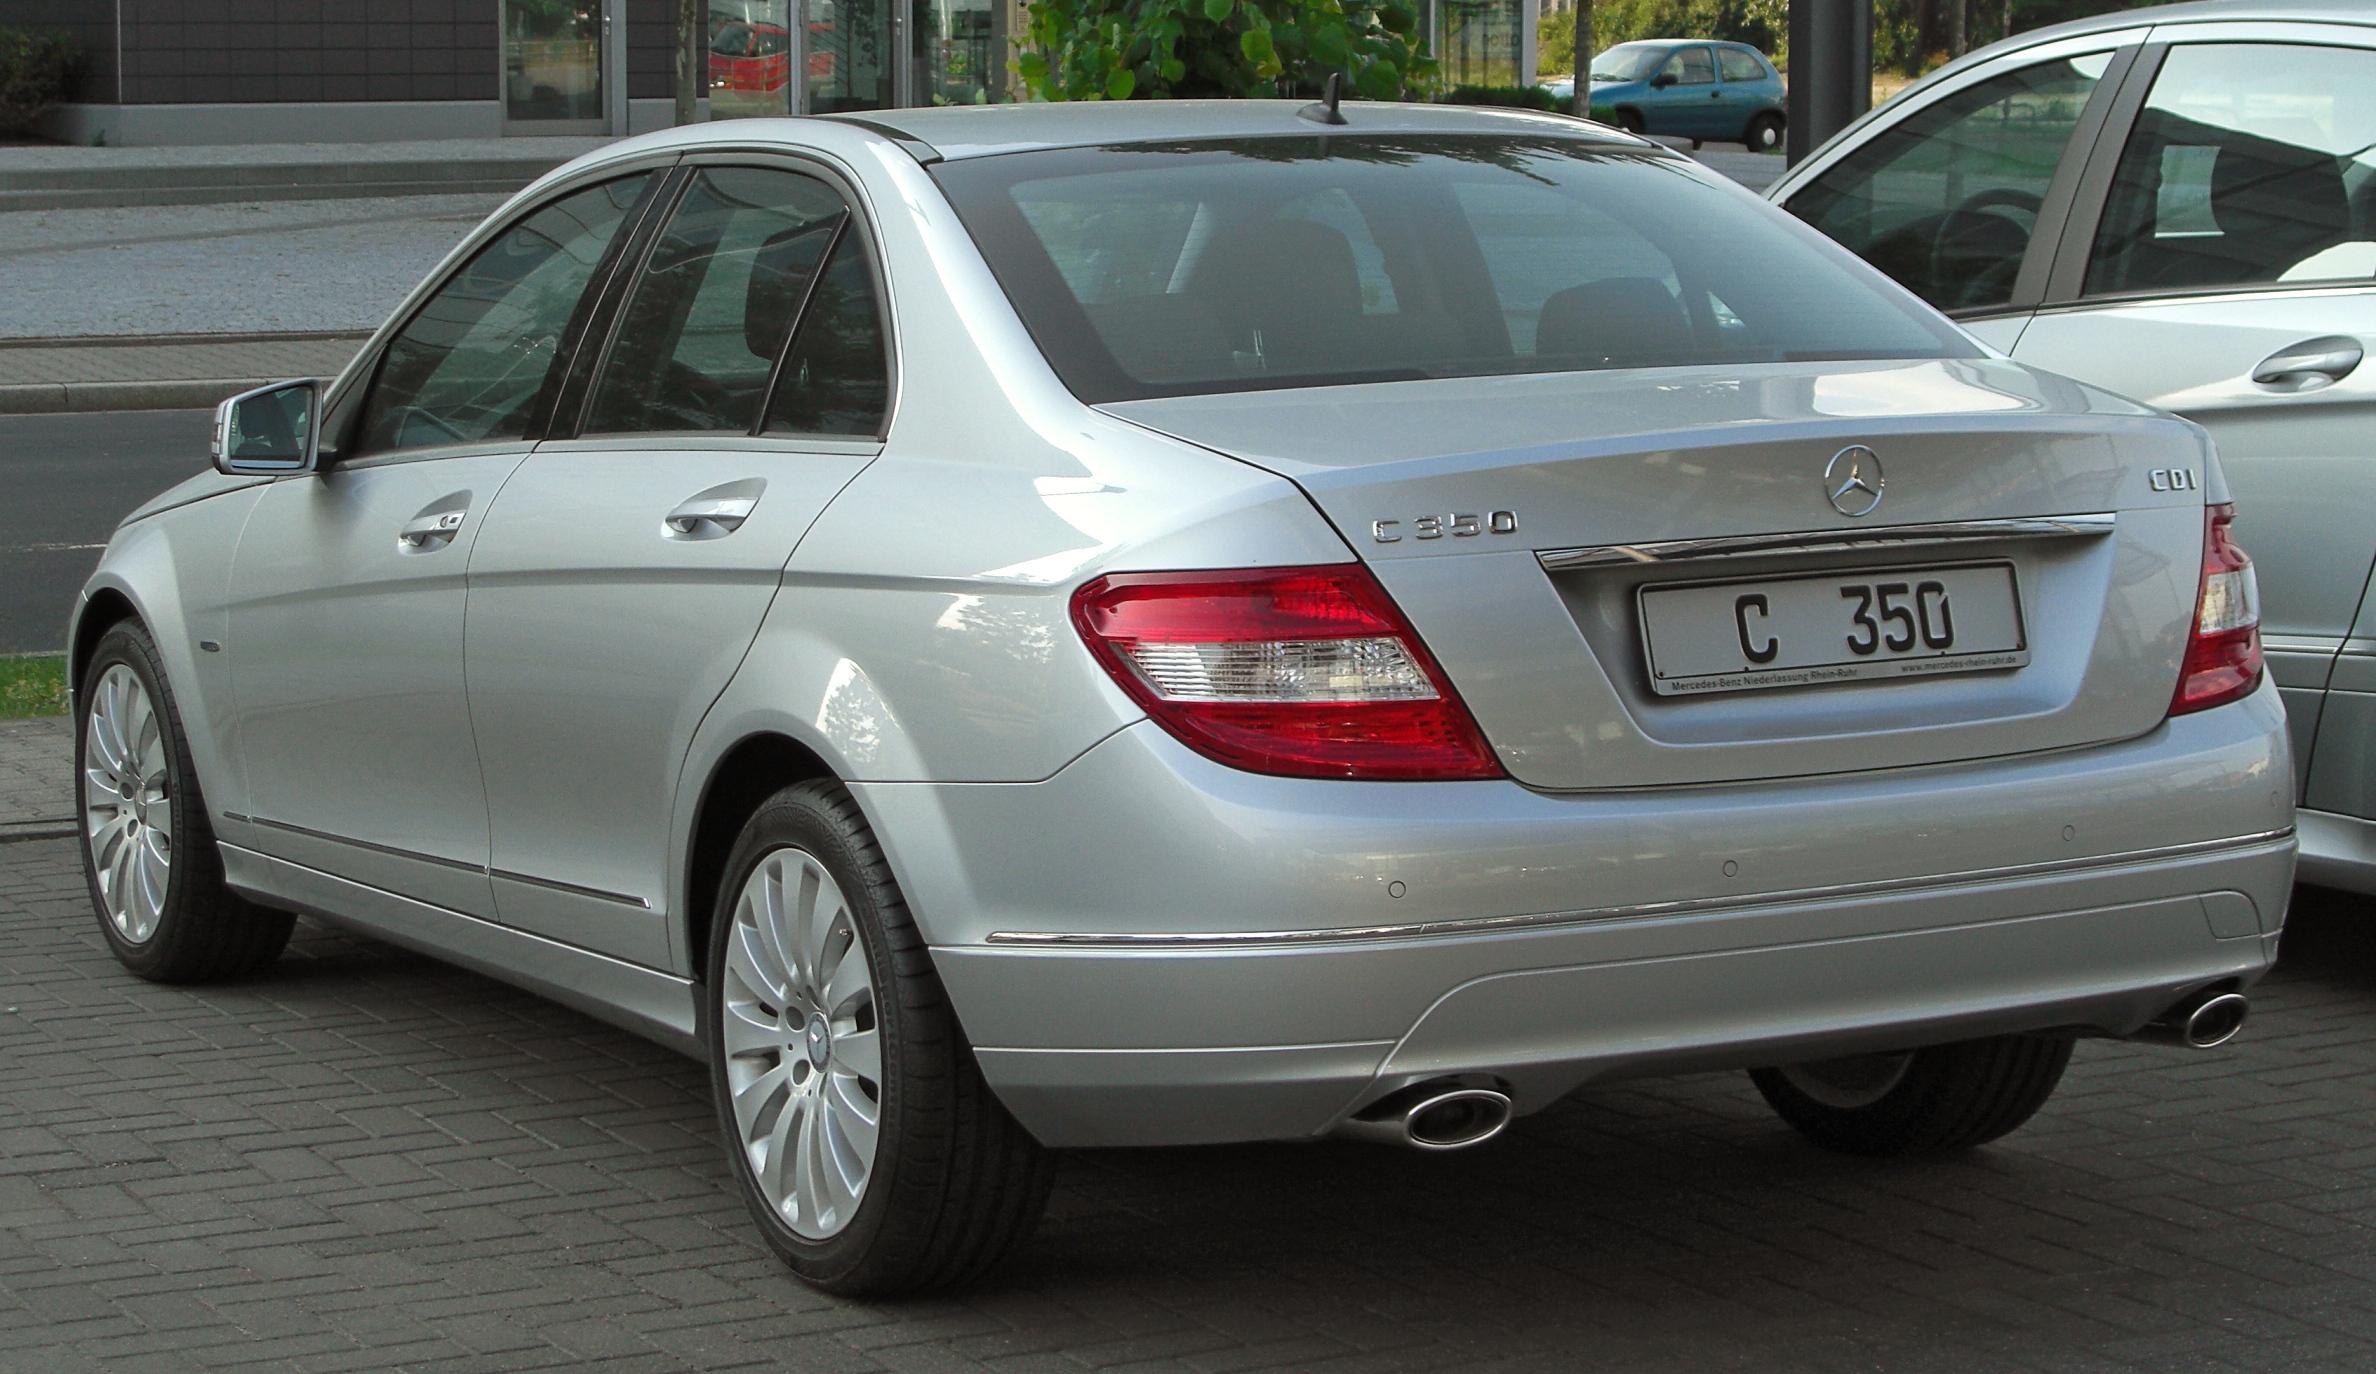 Mercedes Classe A Elegance  Cdi